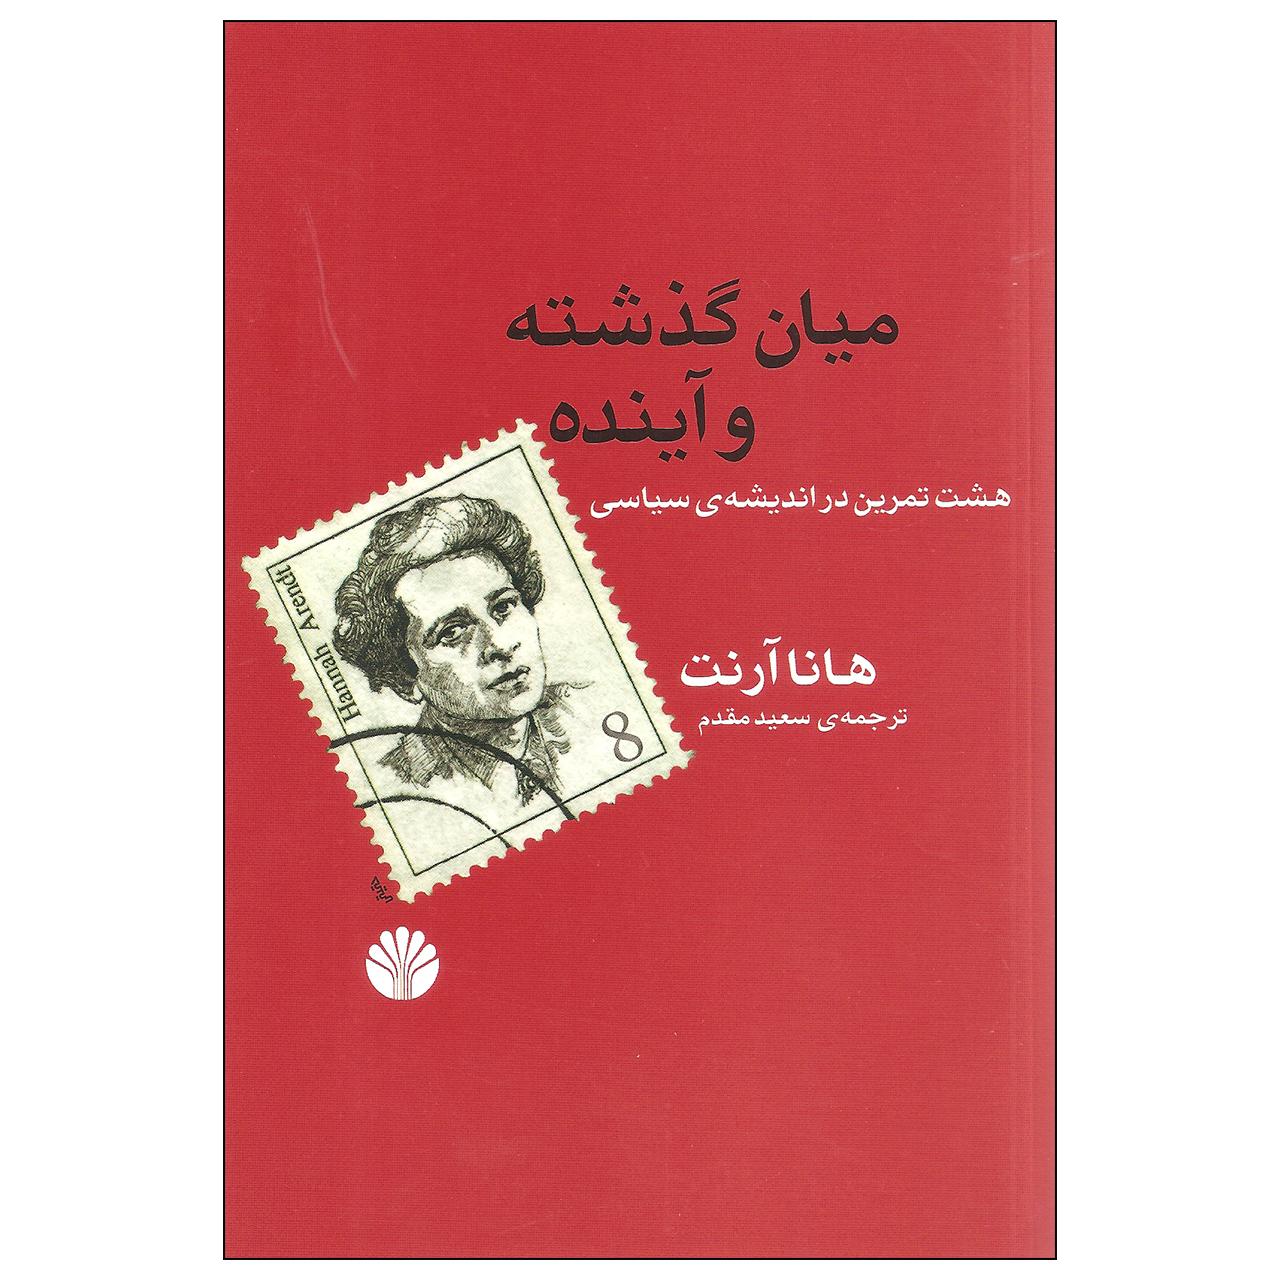 کتاب میان گذشته و آینده اثر هانا آرنت نشر اختران